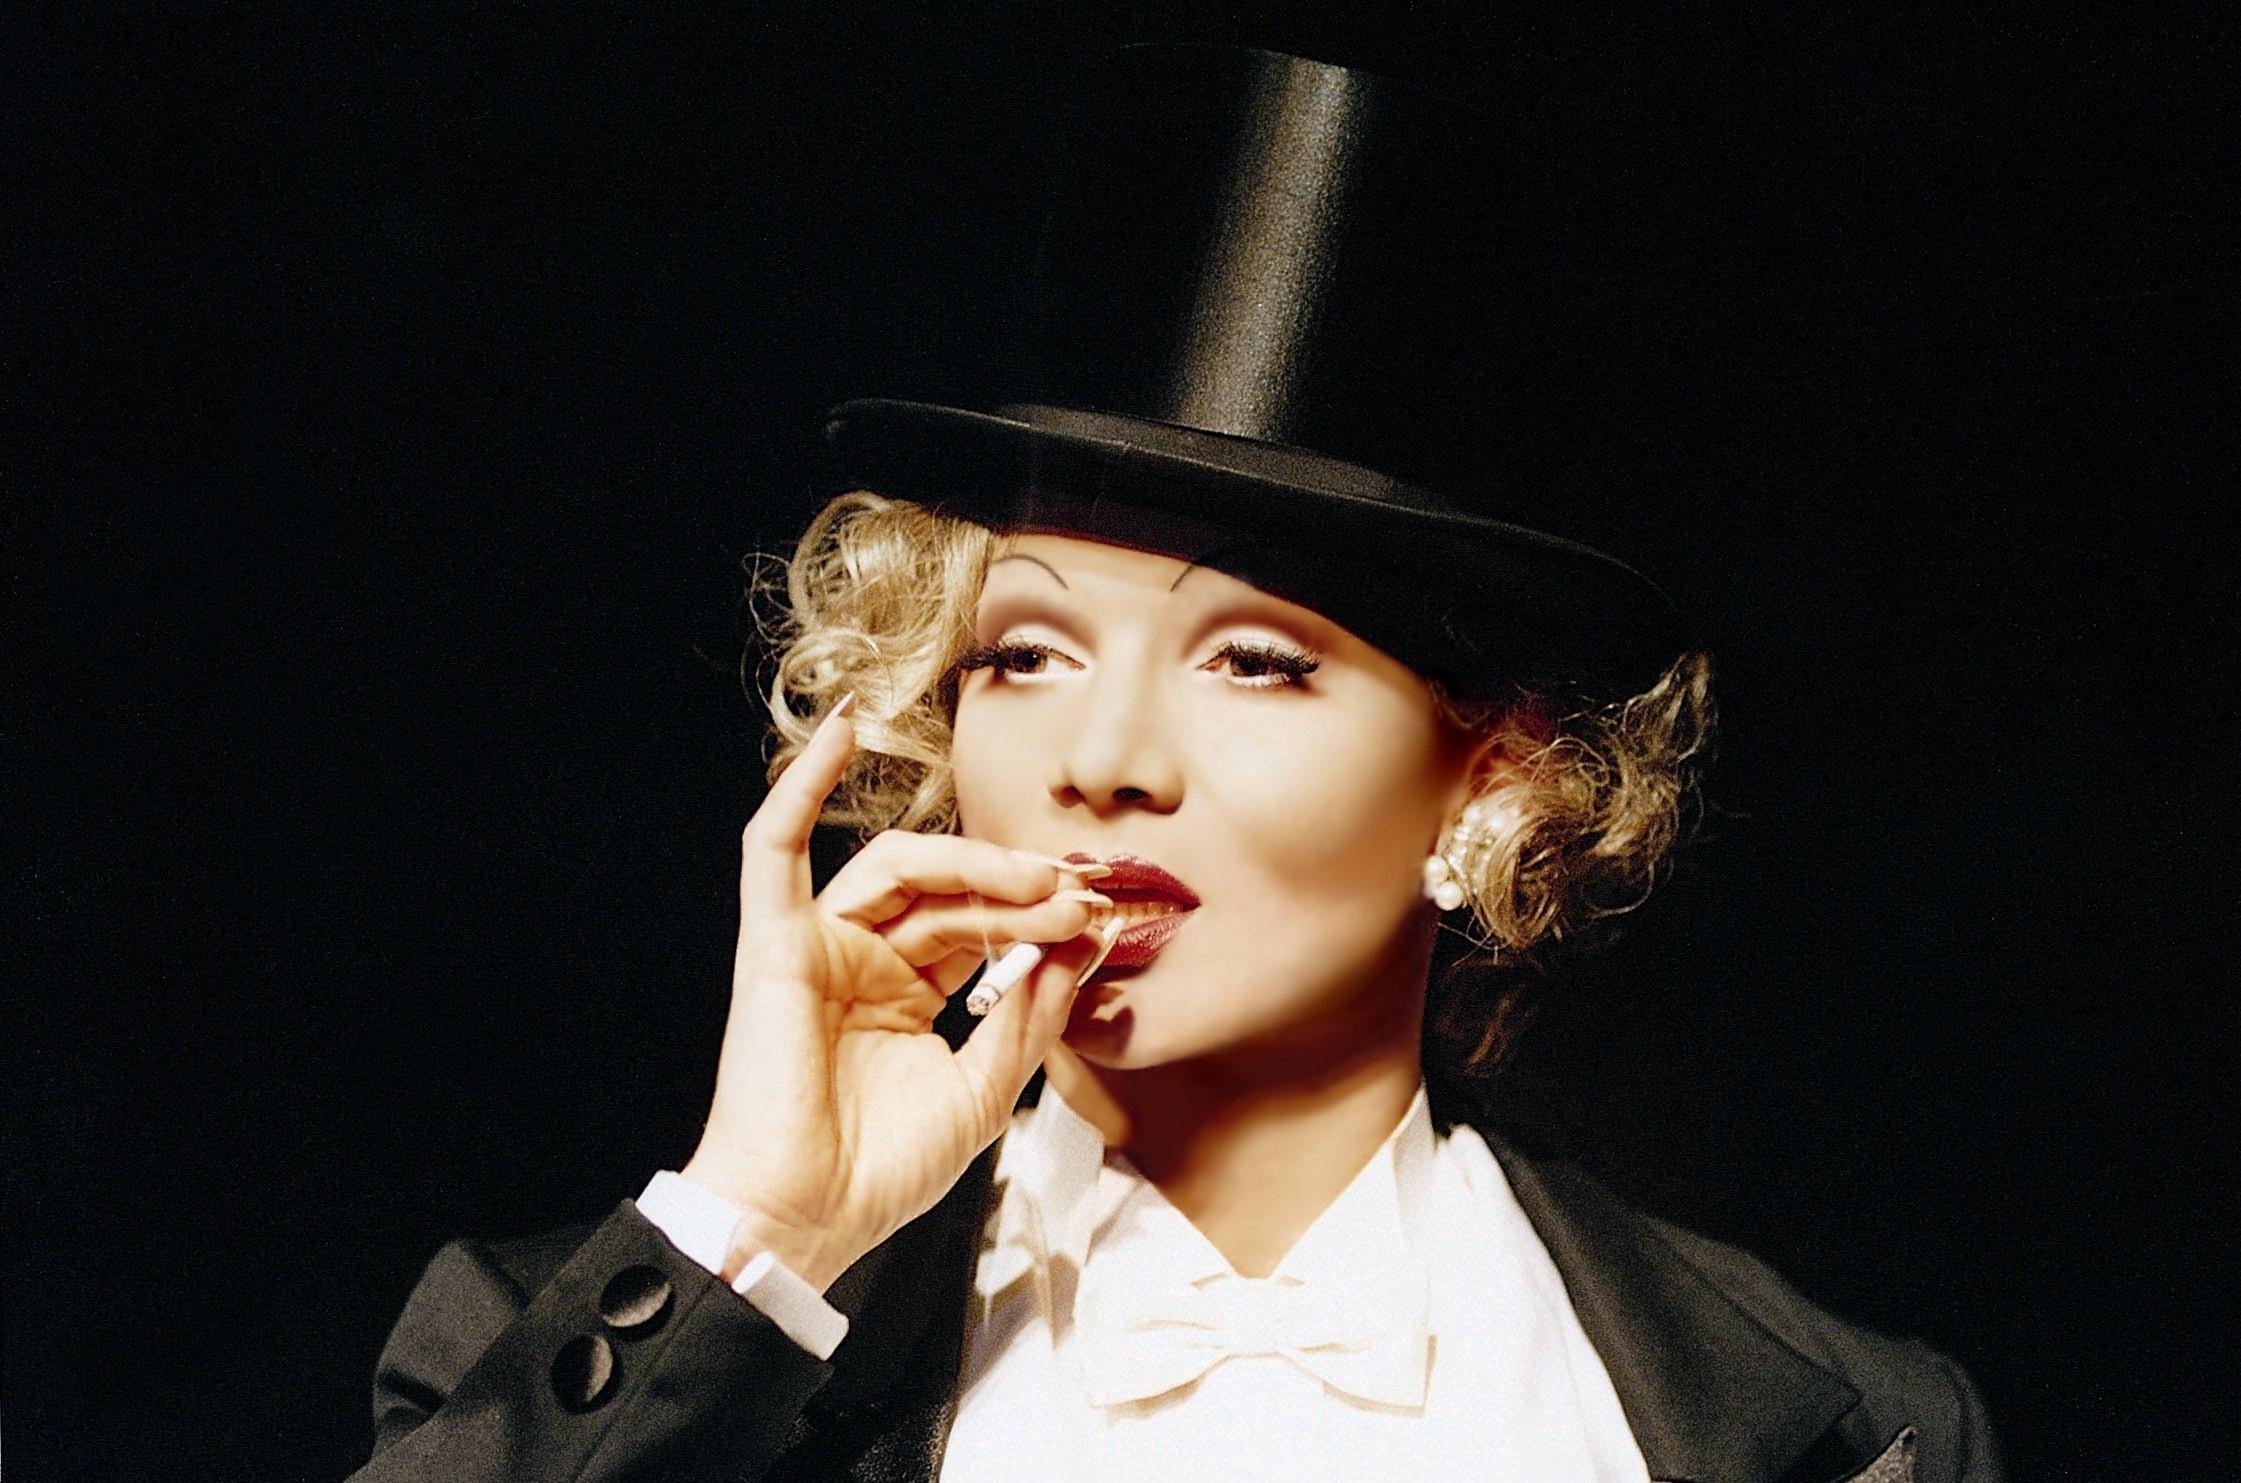 Datei CHRIS Kolonko Marlene Zigarette –